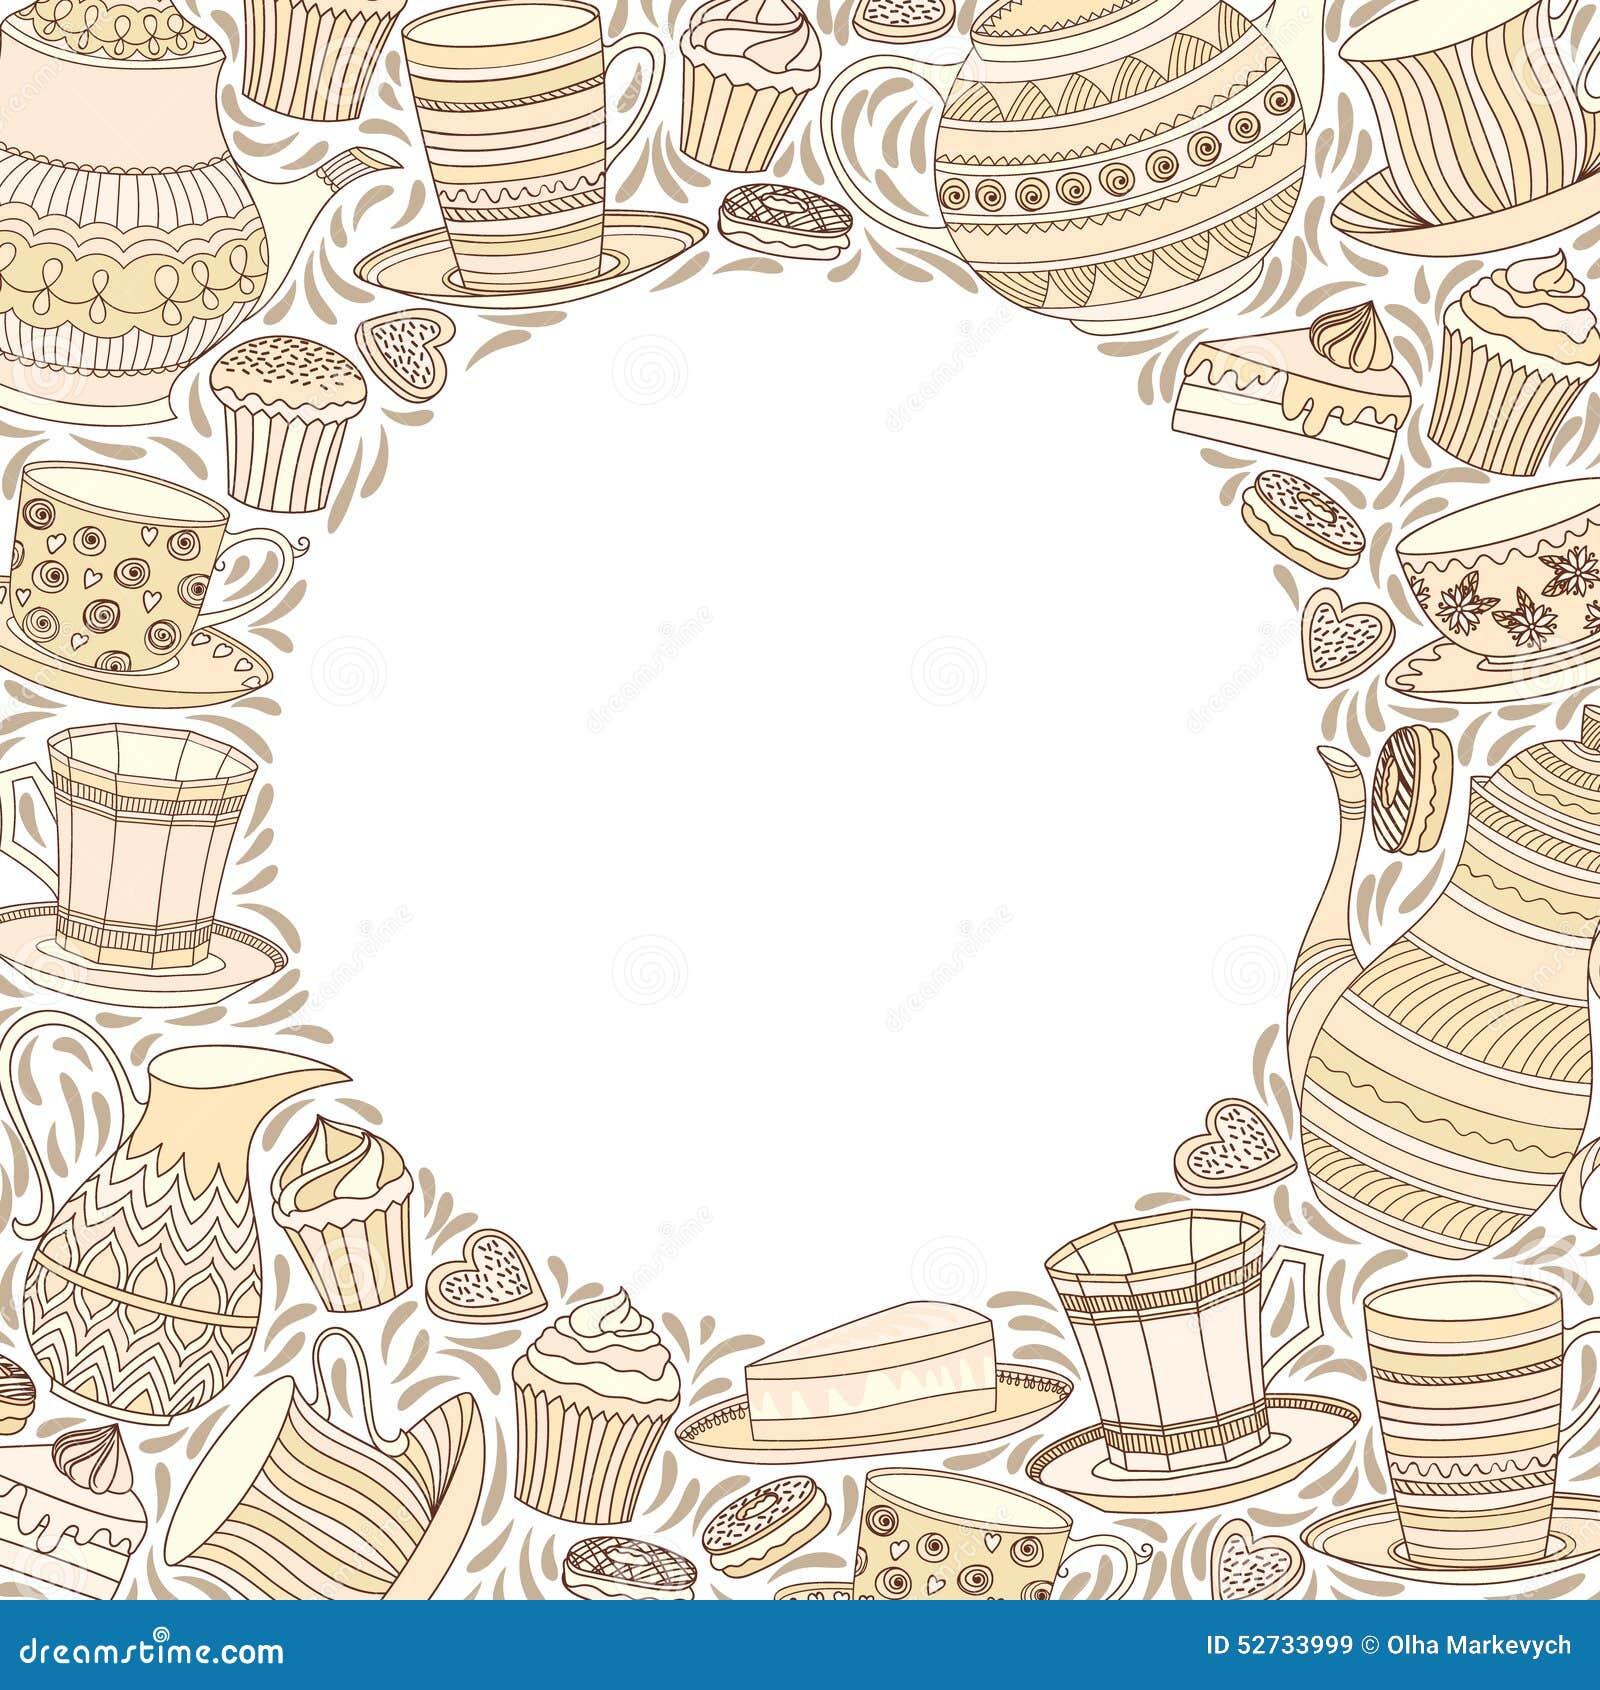 Tee-Zeit-Rahmen vektor abbildung. Illustration von cupcake - 52733999